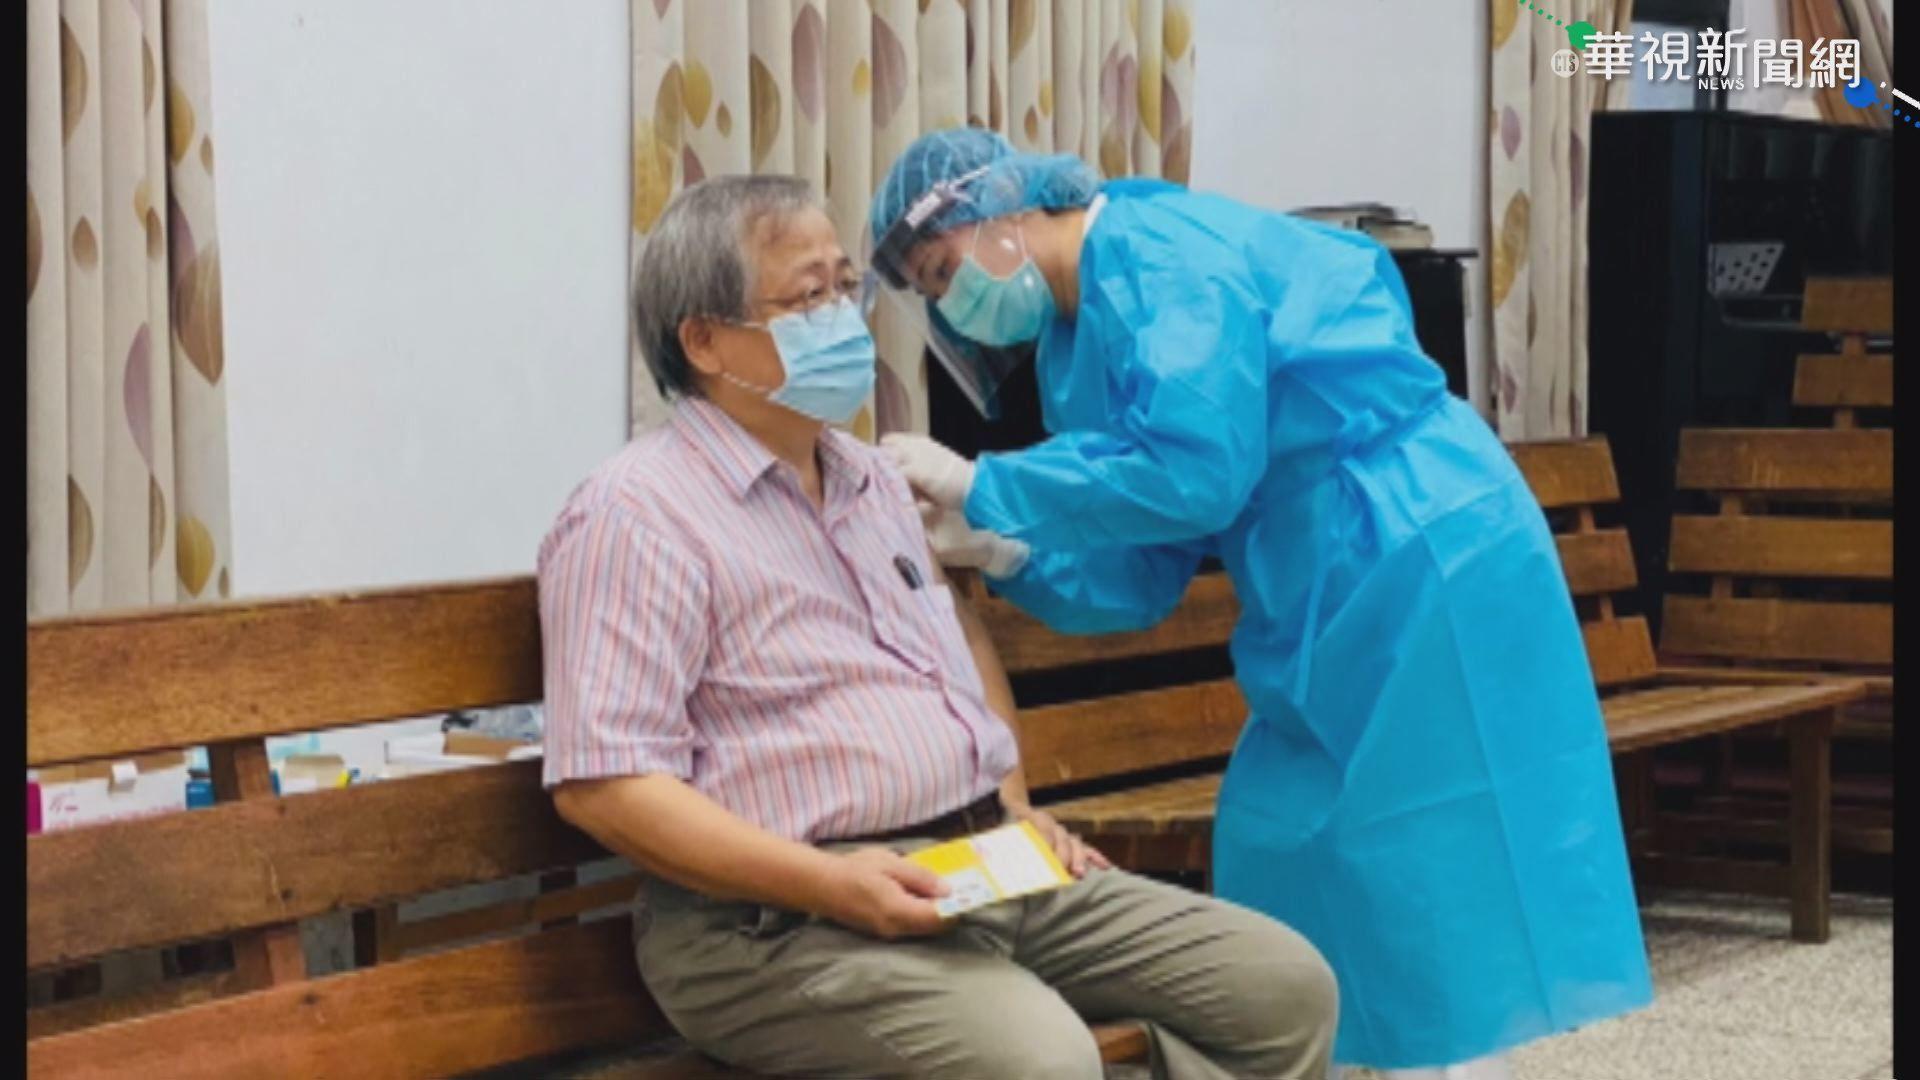 挺進偏鄉 幫長輩.育幼院人員打疫苗